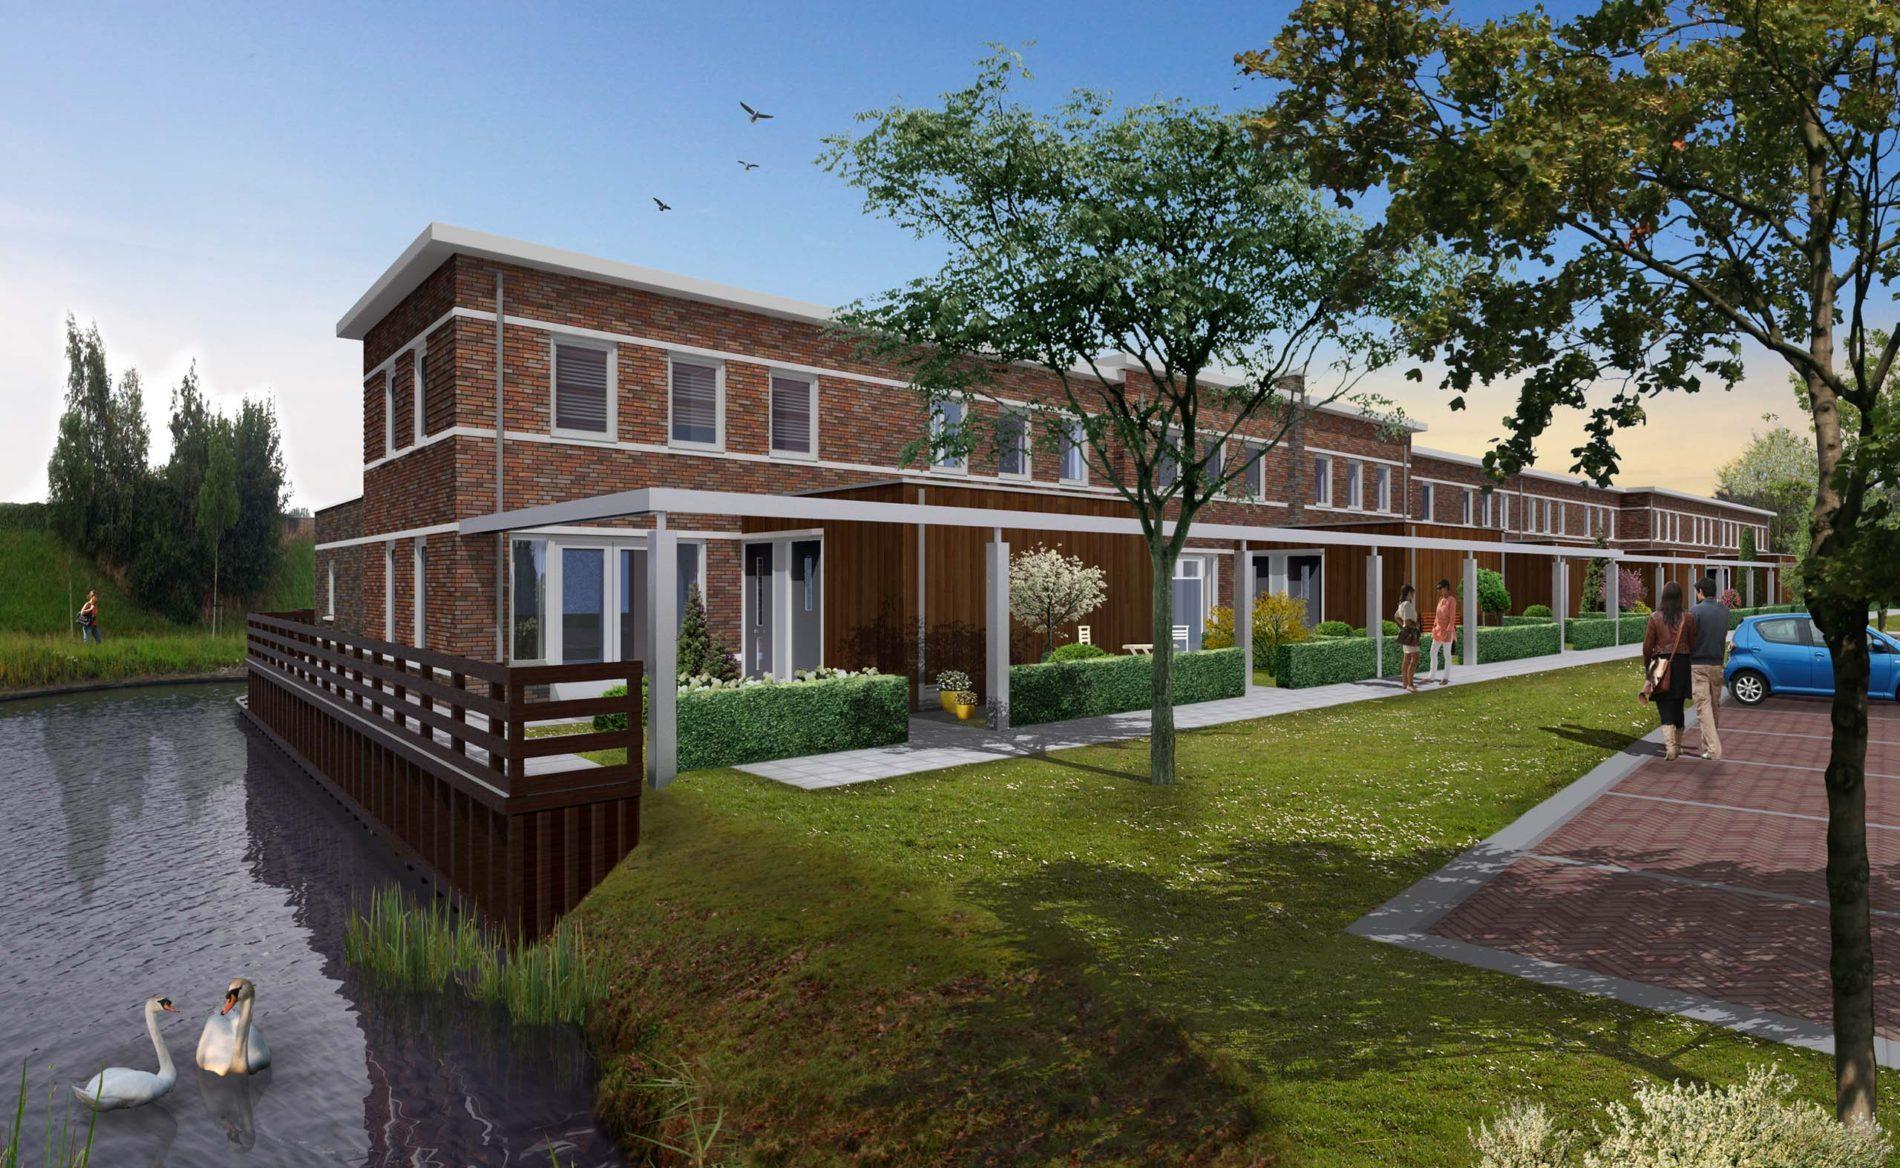 architect woningbouw sociale huurwoningen nieuwbouwwijk Reigersborg Hoogkarspel BBHD architecten